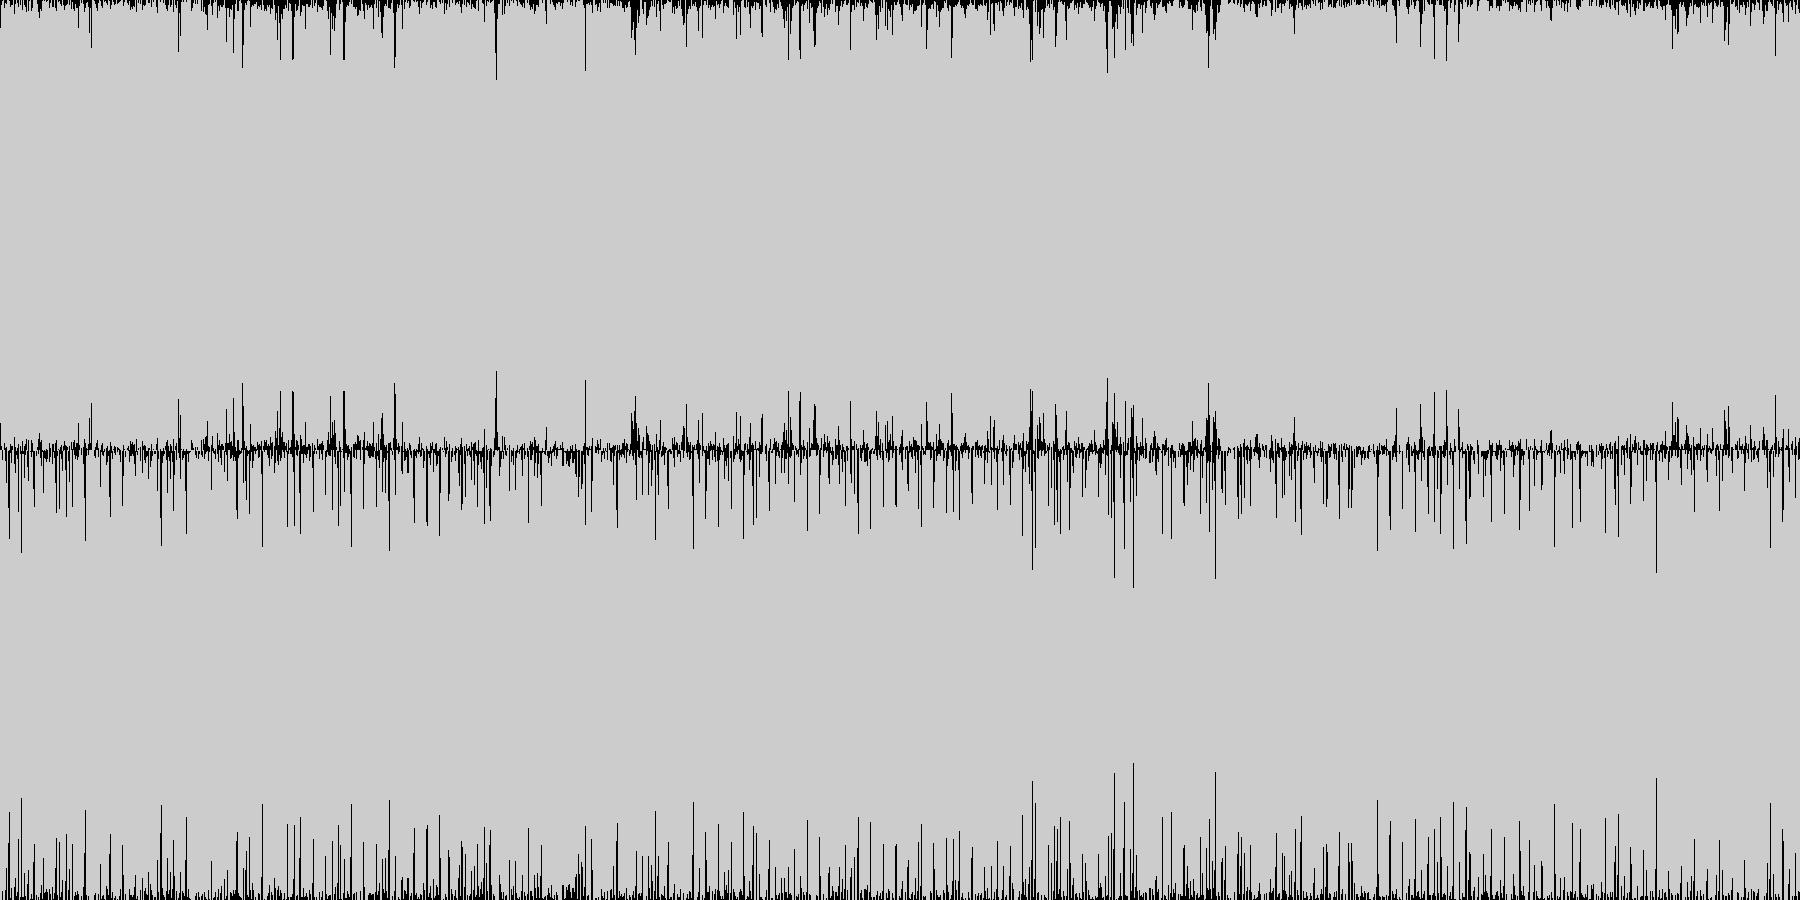 重低音を効かせたダンスミュージックです。の未再生の波形